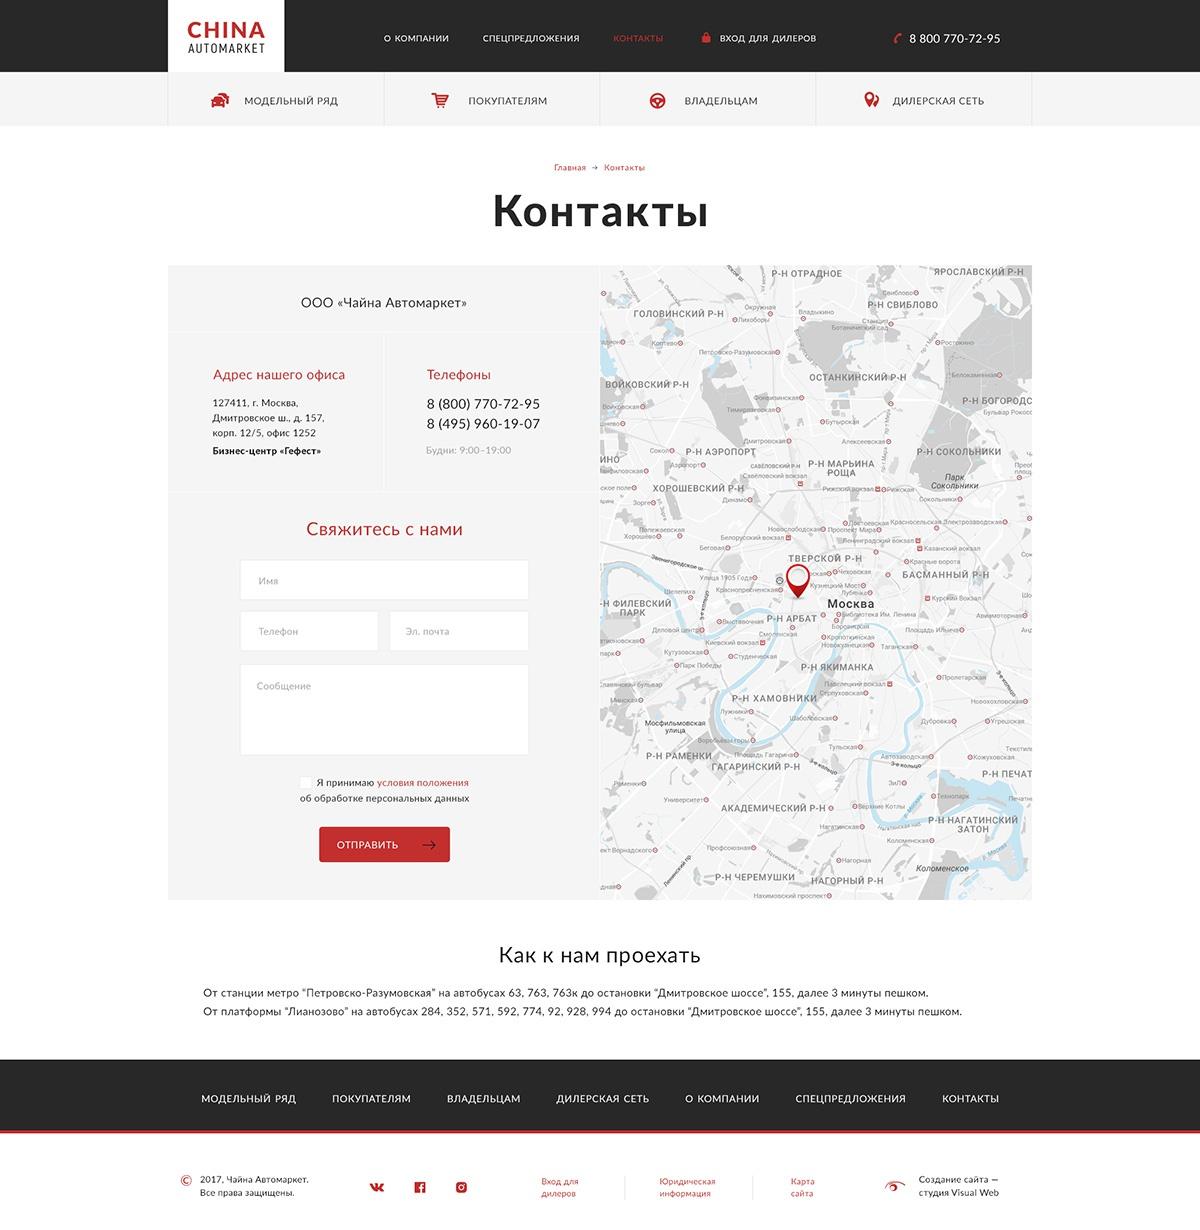 Контактная информация офиса в Москве